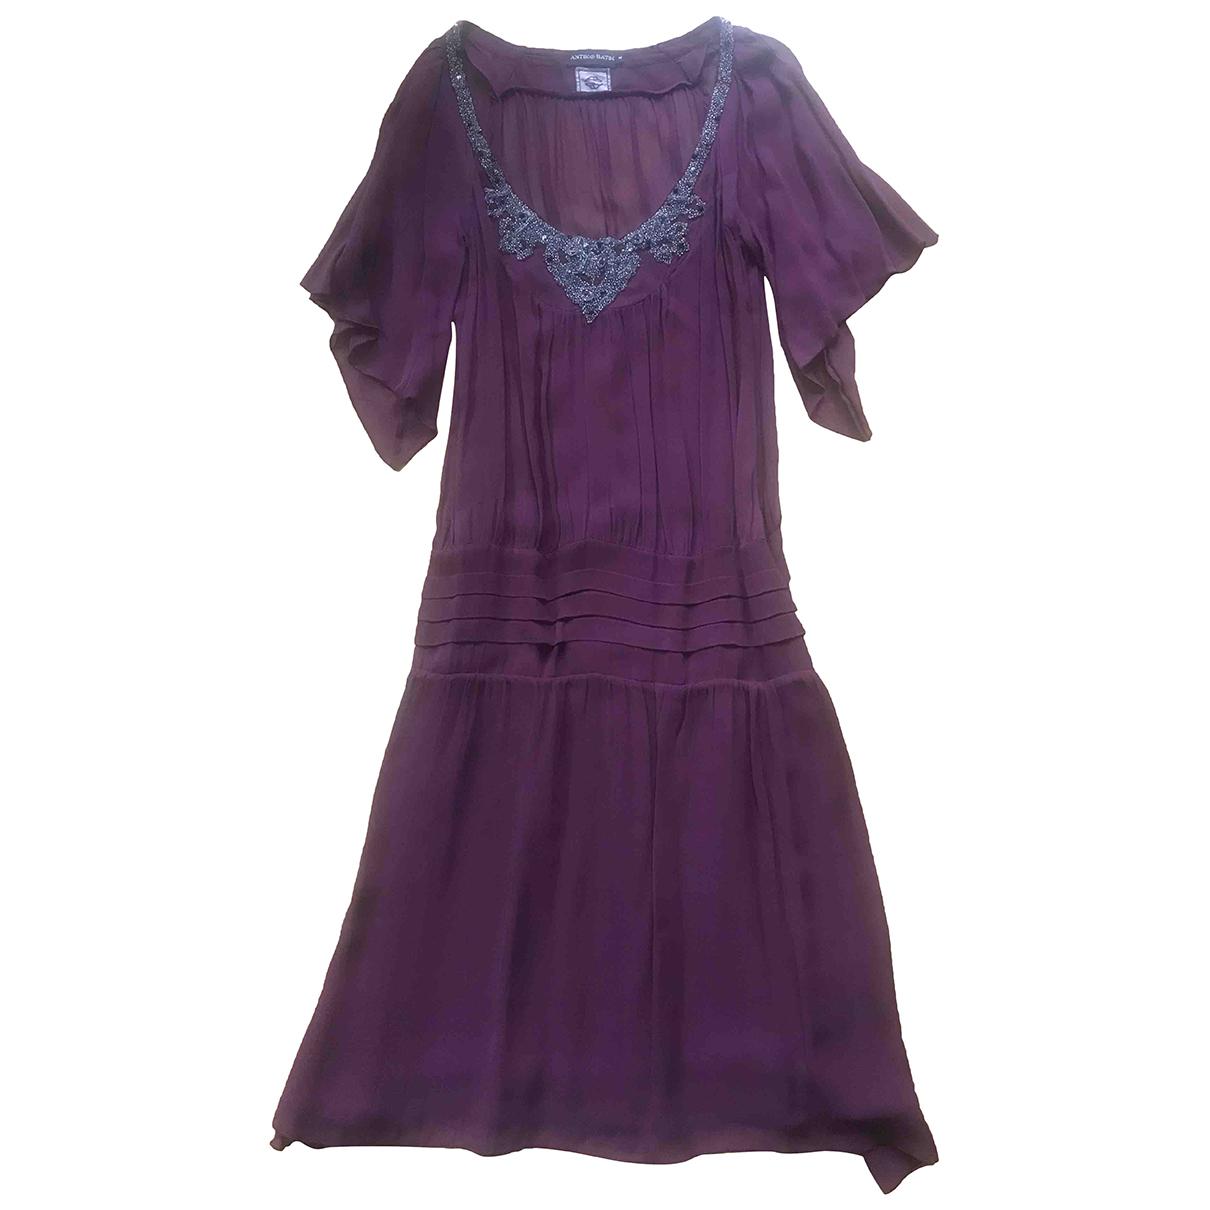 Antik Batik - Robe   pour femme - violet